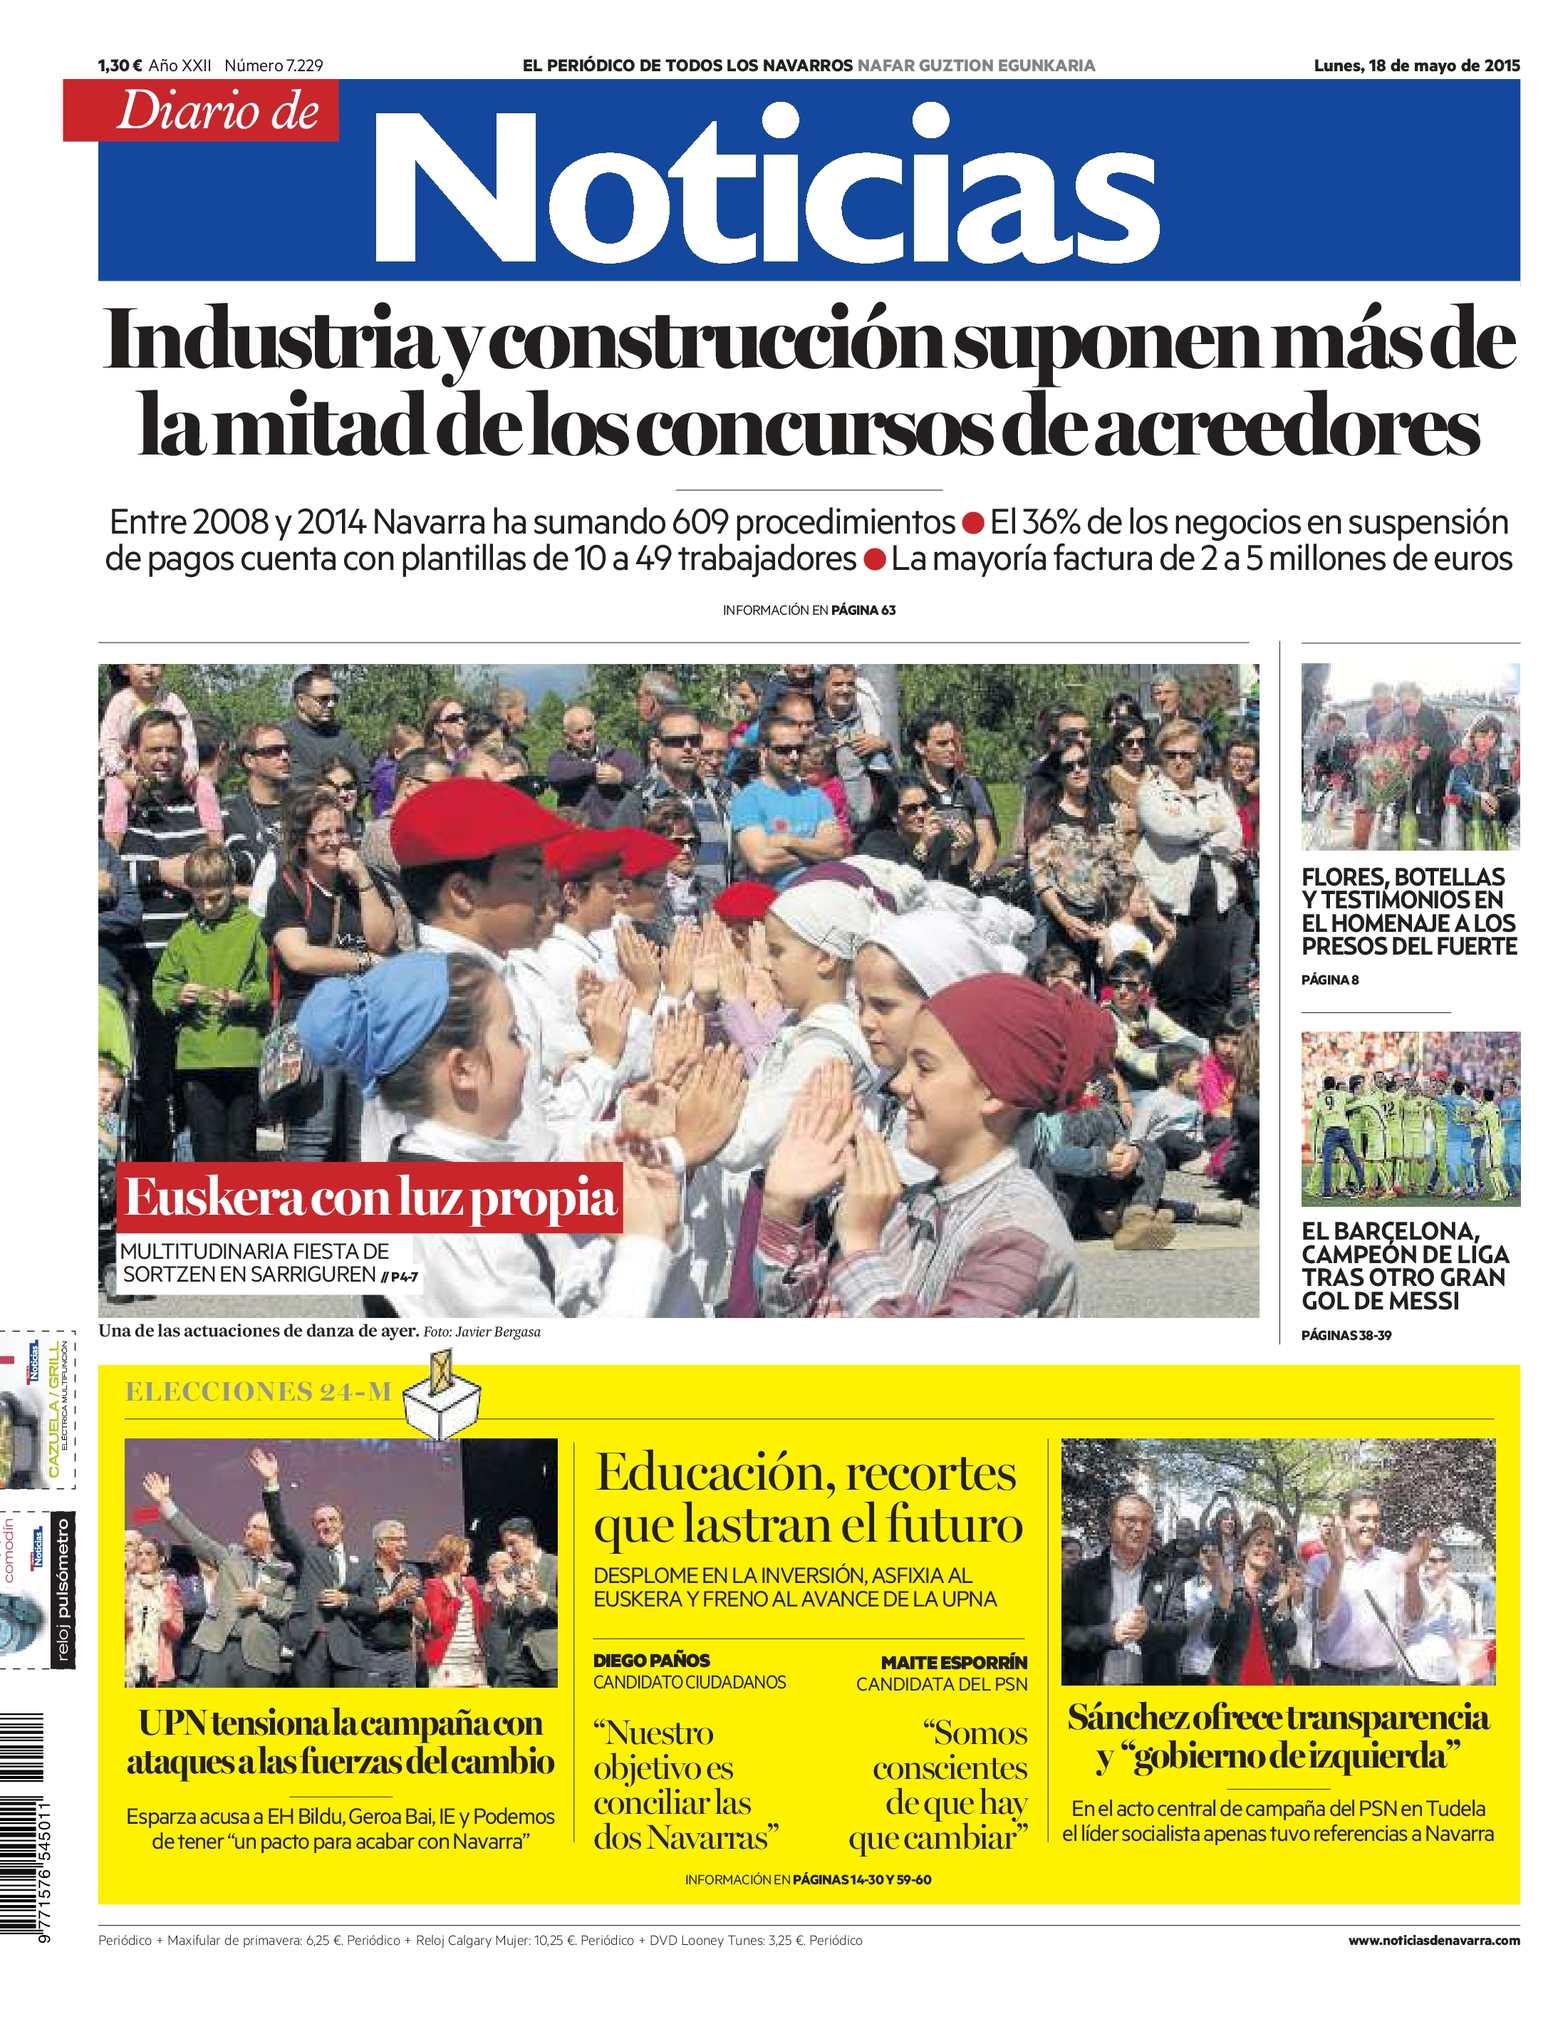 Calaméo - Diario de Noticias 20150518